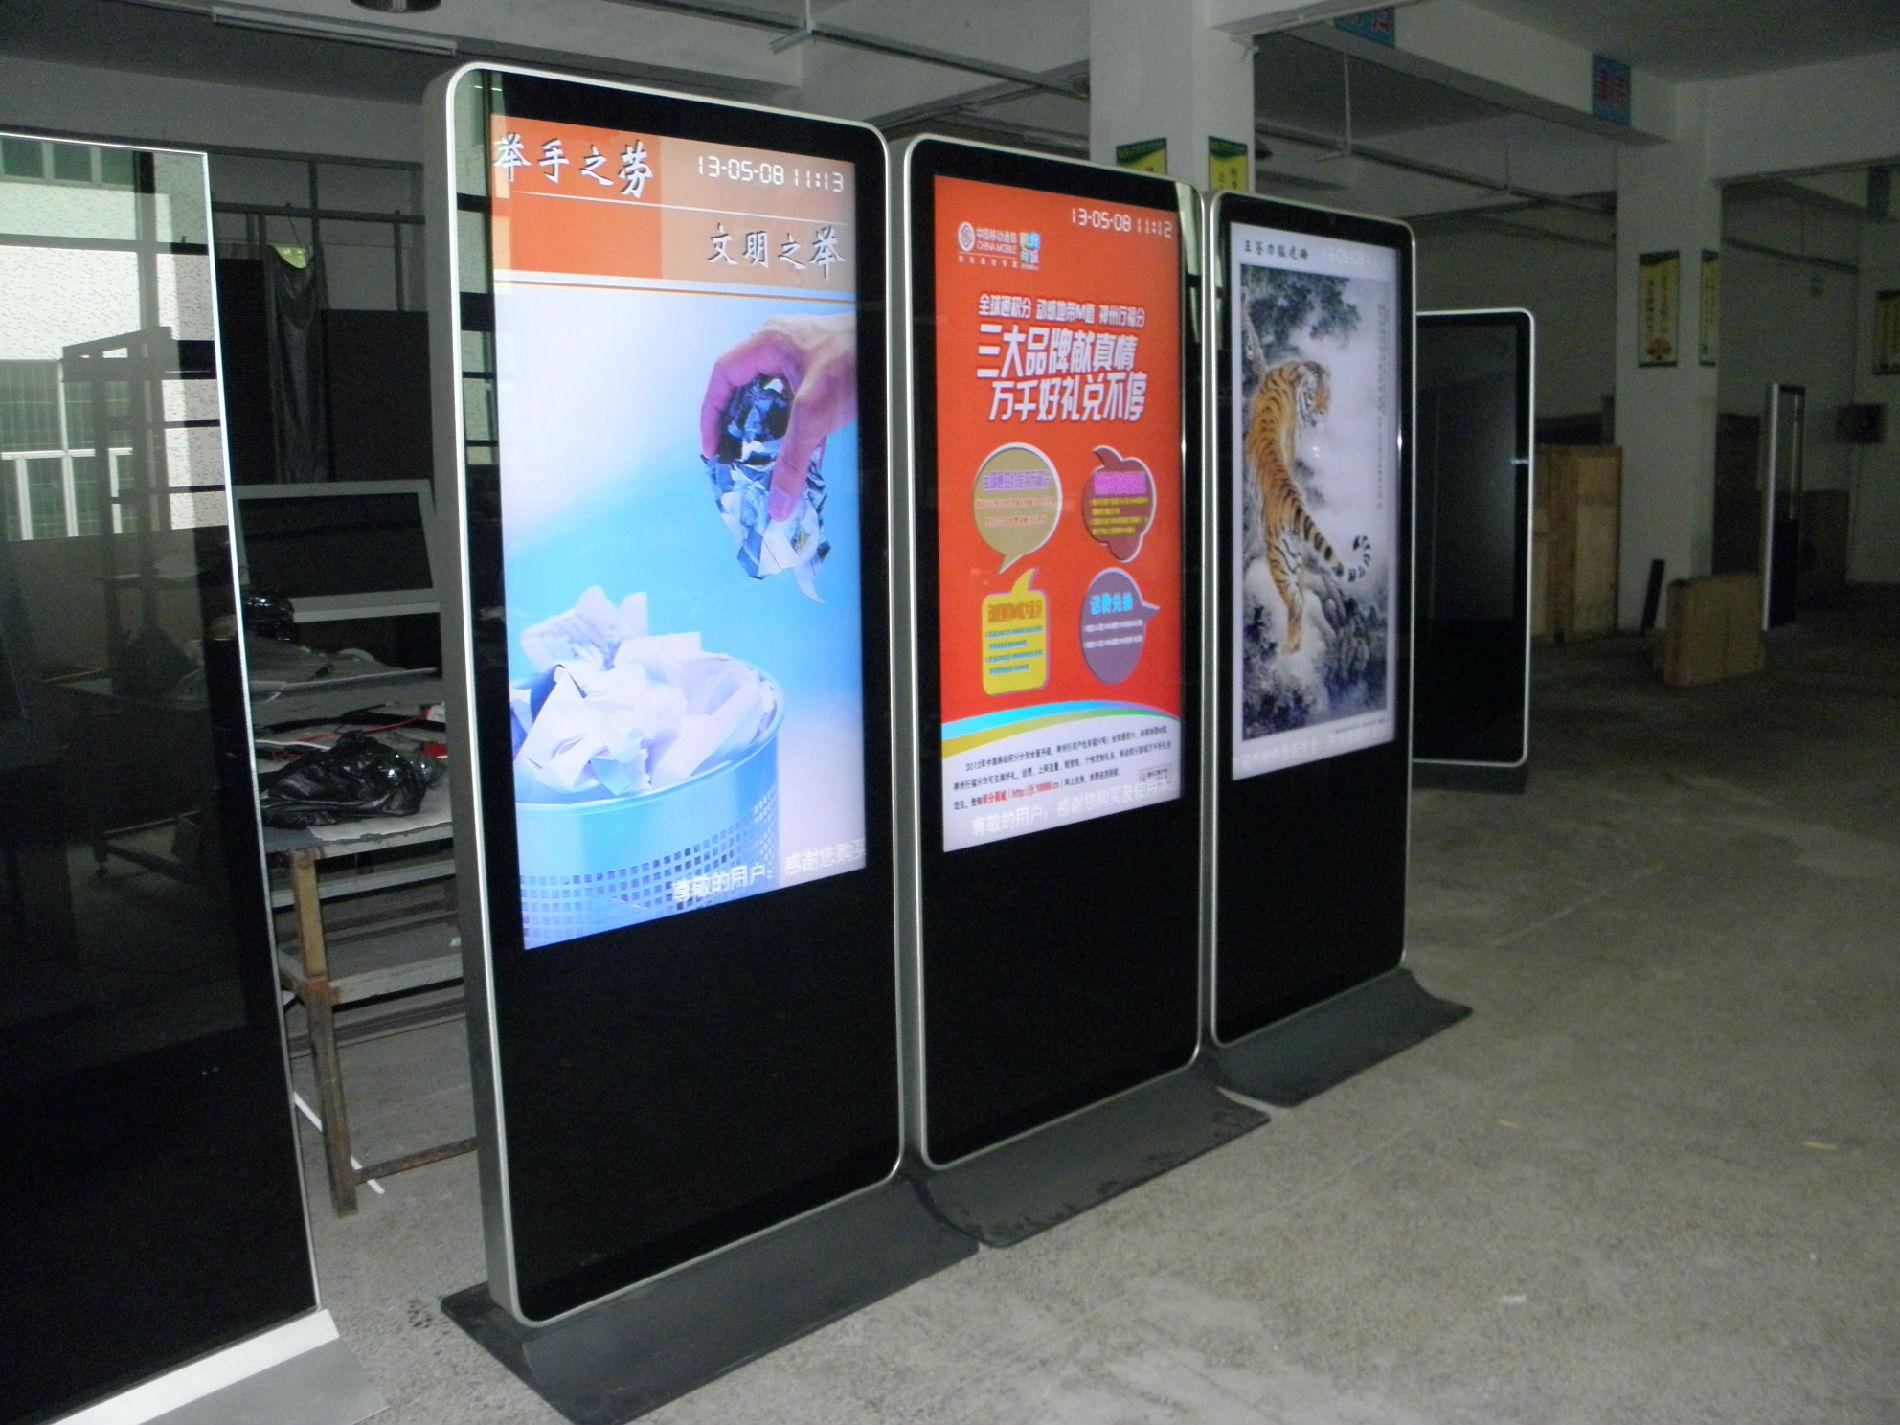 楼宇广告机、室内室外广告机、可带触摸,多媒体发布系统